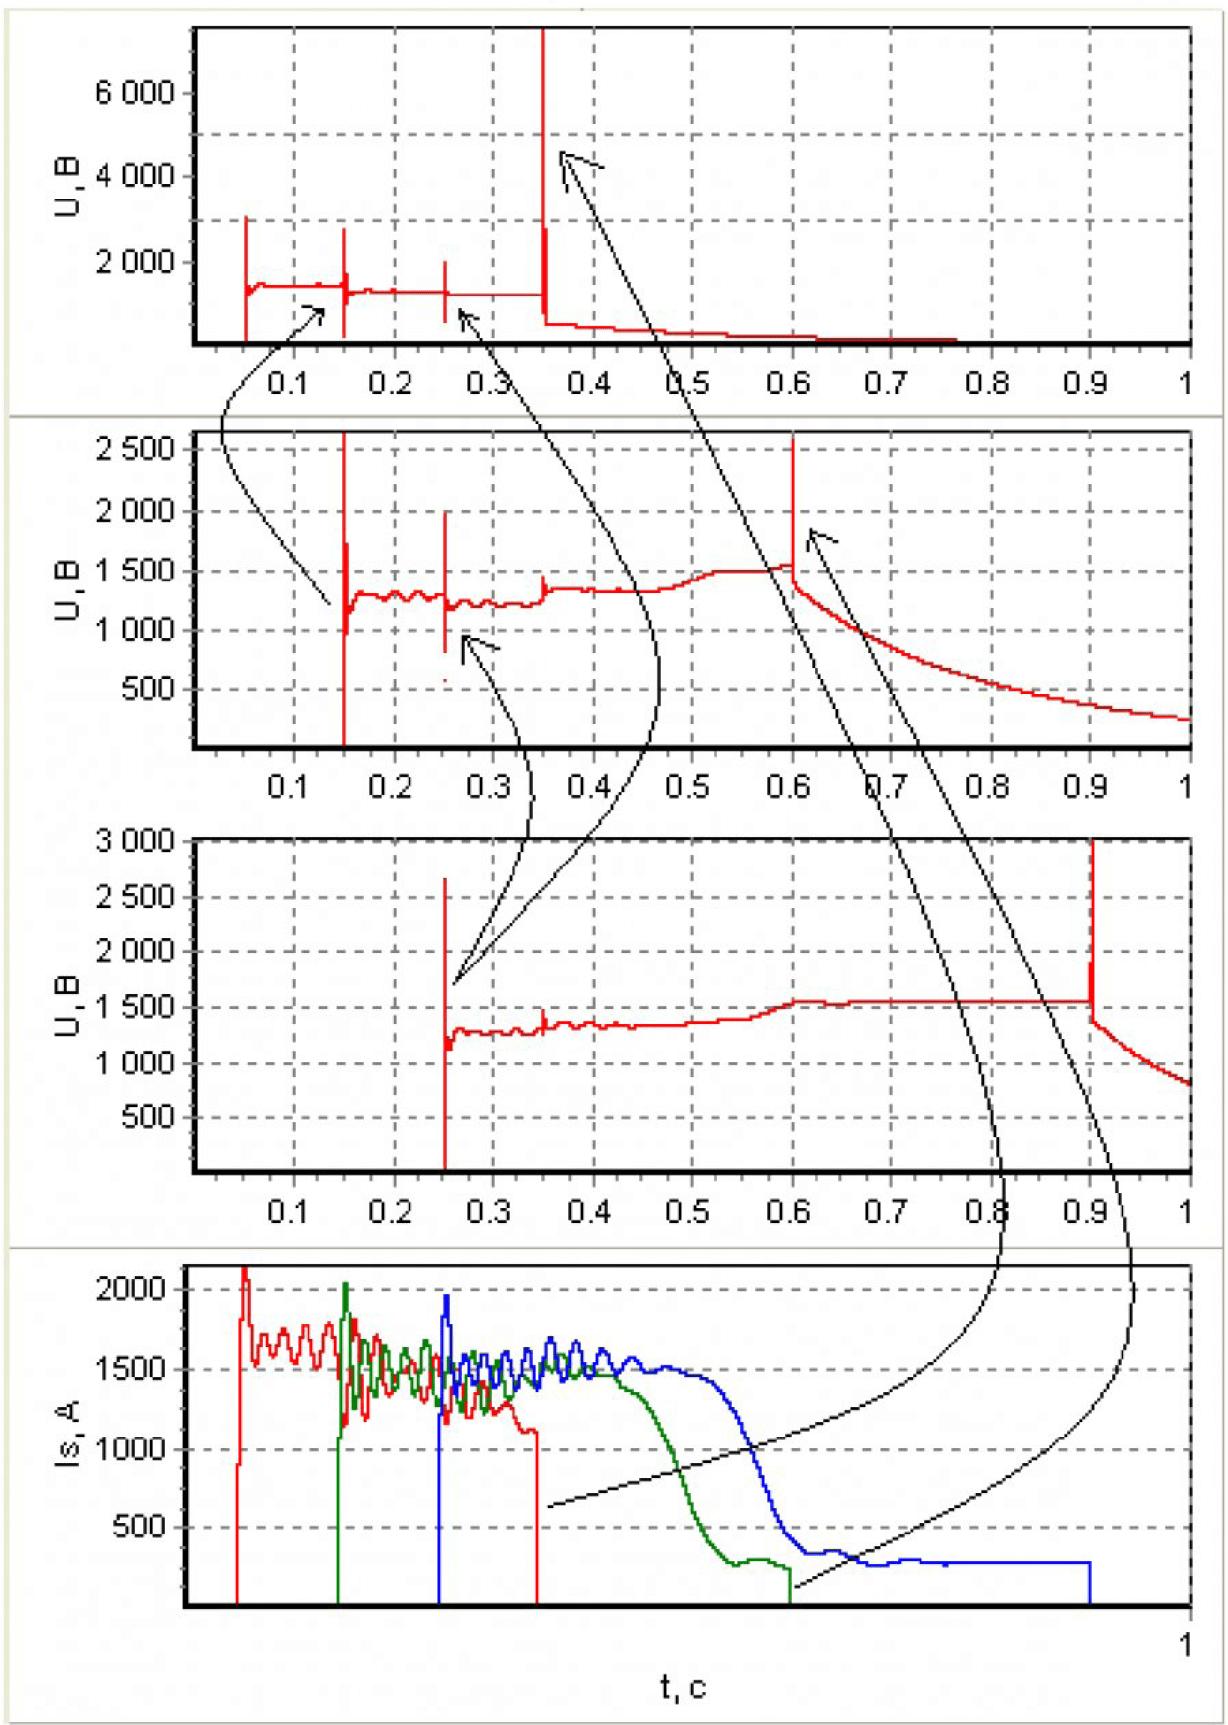 Моделирование перенапряжений в системе электроснабжения с электродвигательной нагрузкой 13